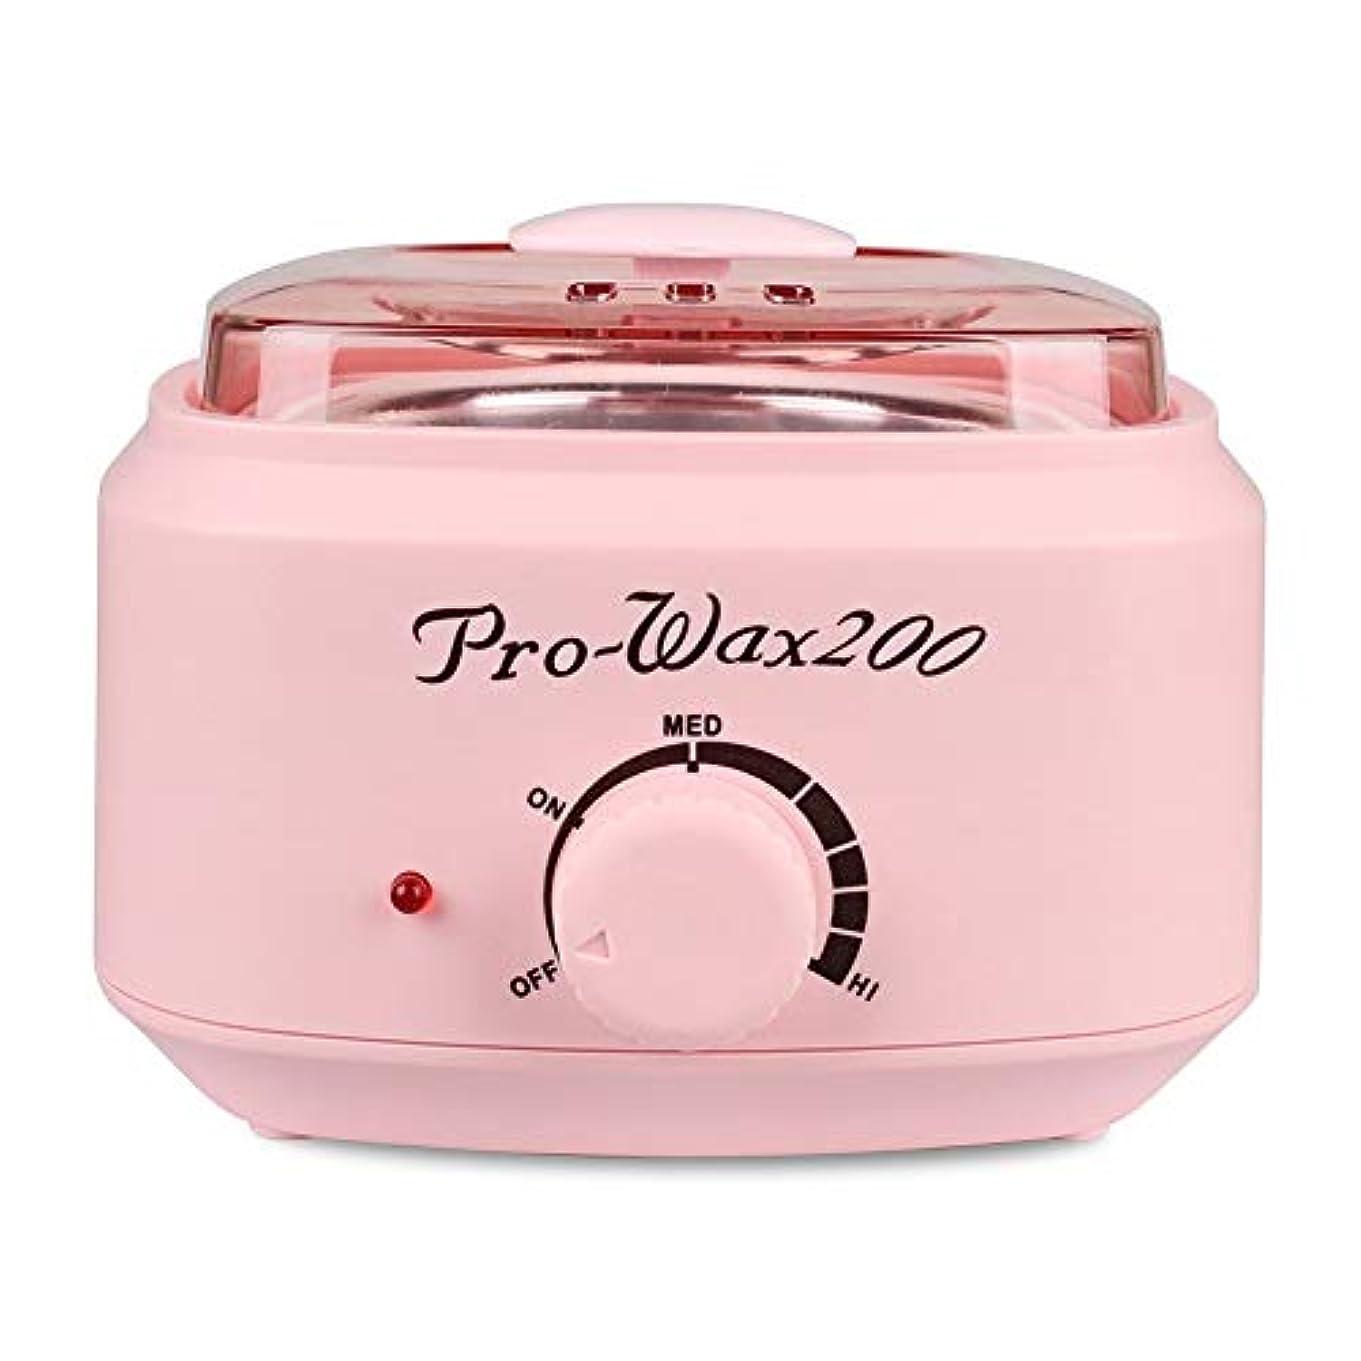 補償銅野生プロの電気ワックスウォーマーとヒーター、速くて痛みのない脱毛、楽器多機能溶融ワックスマシンホームワックス女性/男性用500CC (Color : Pink)